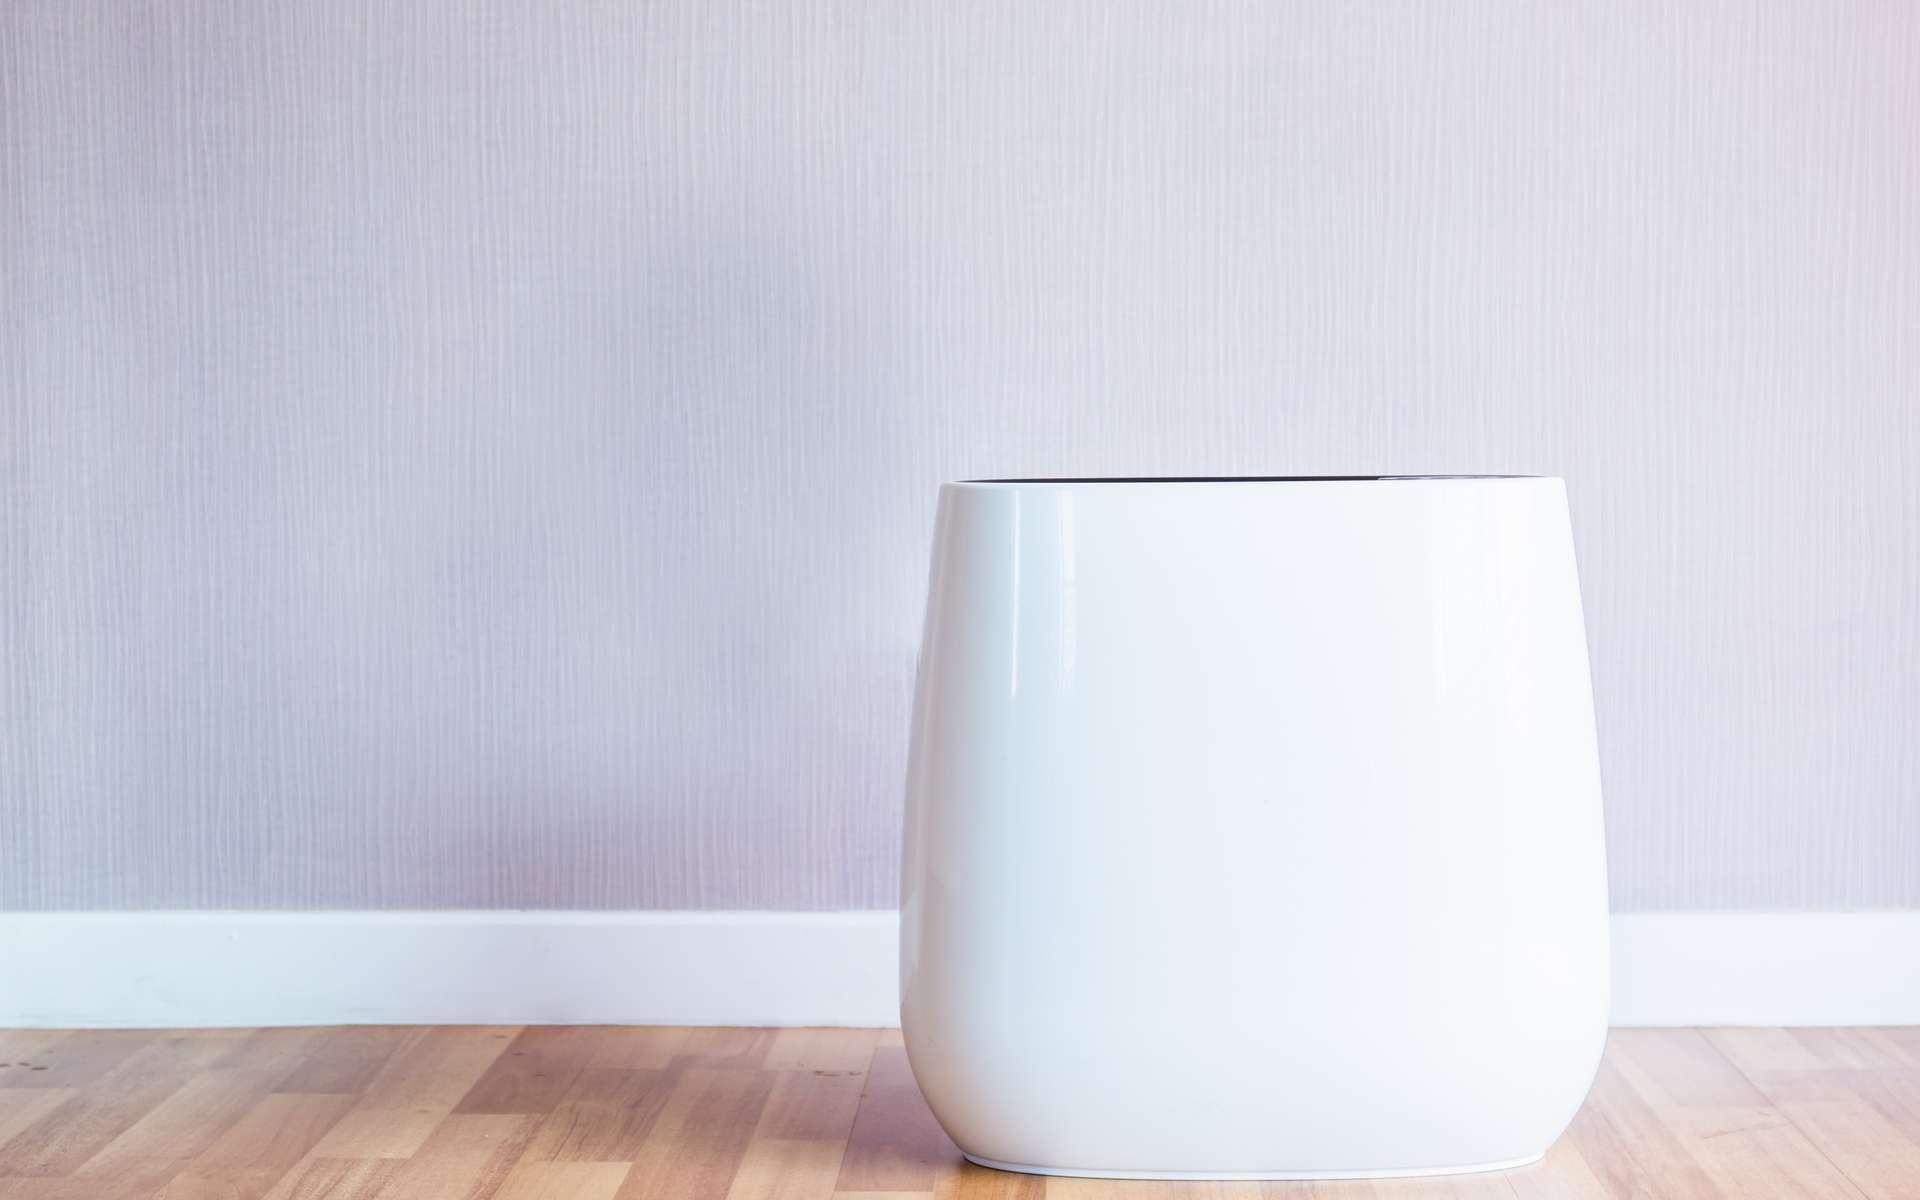 5 conseils pour choisir le purificateur d'air le plus adapté à vos besoins© GOLFCPHOTO, Adobe Stock